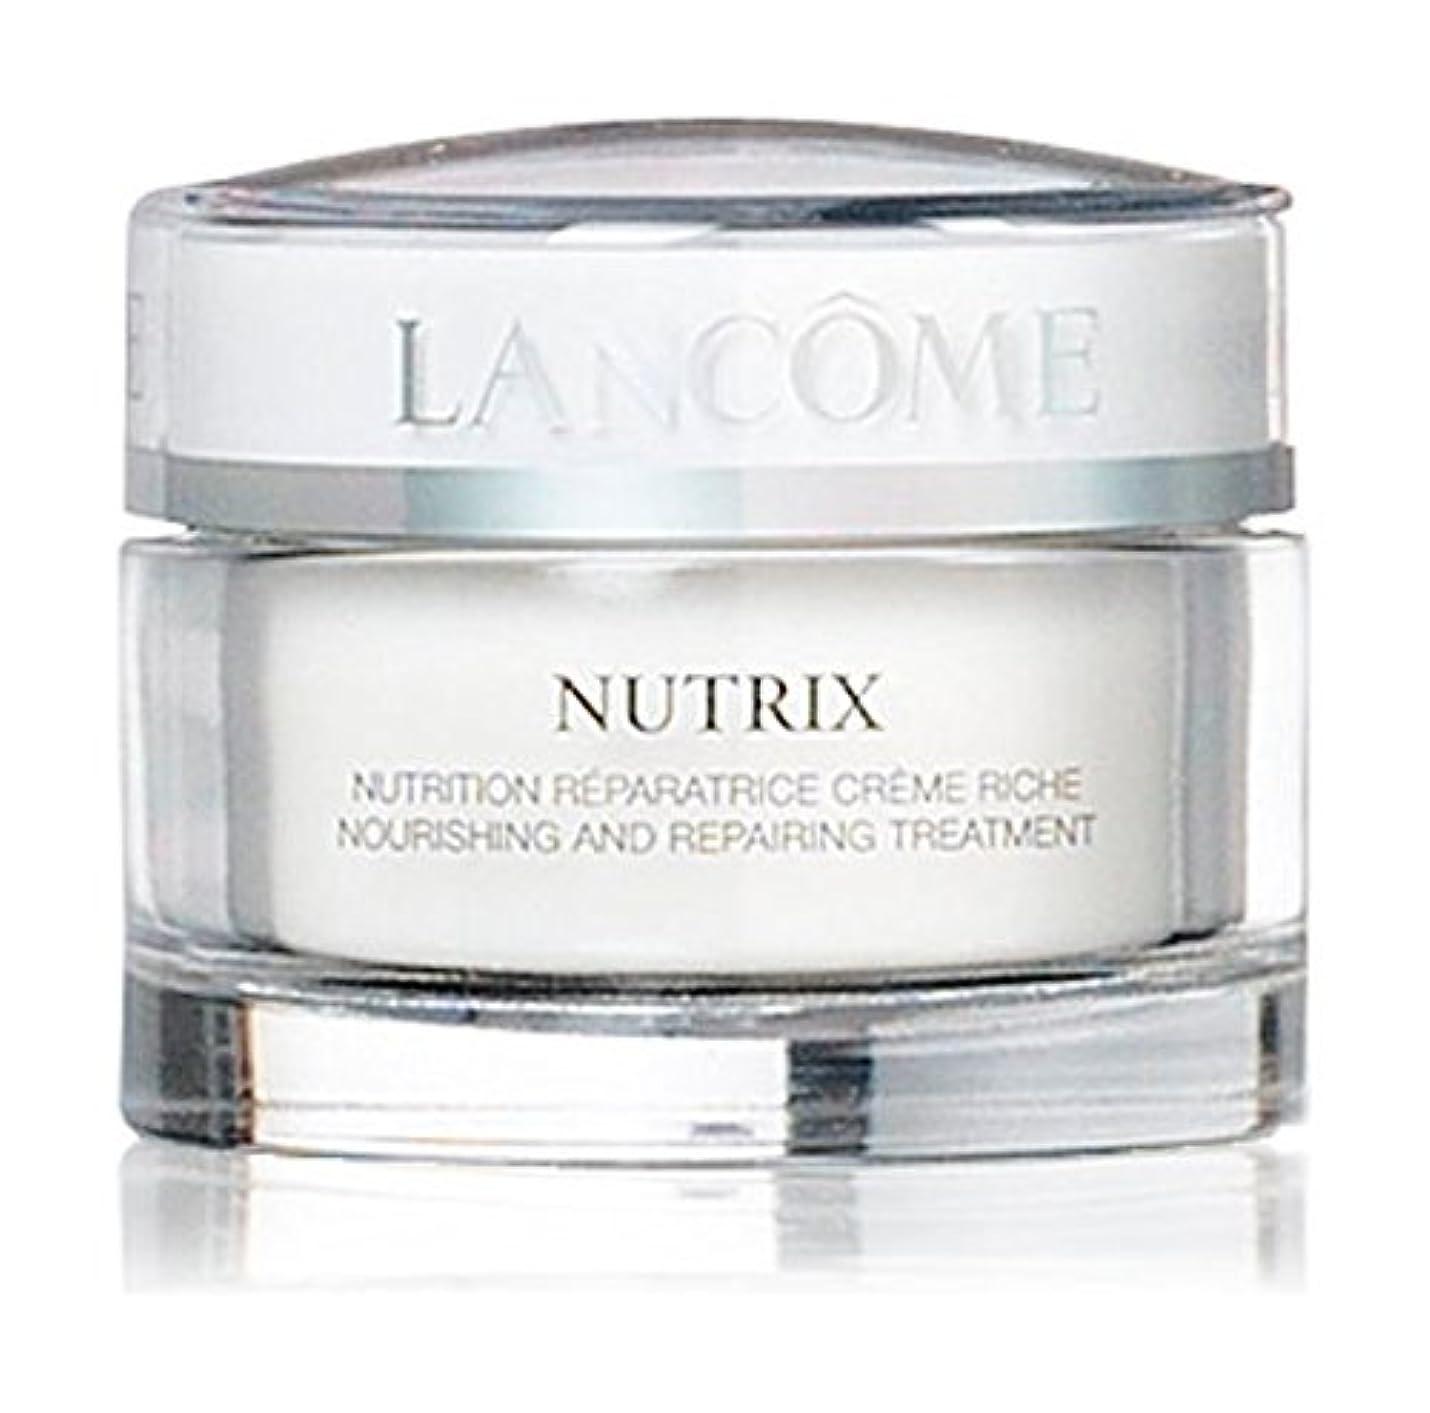 愛恐怖少しランコム Nutrix Nourishing And Repairing Treatment Rich Cream - For Very Dry, Sensitive Or Irritated Skin 50ml/1.7oz...